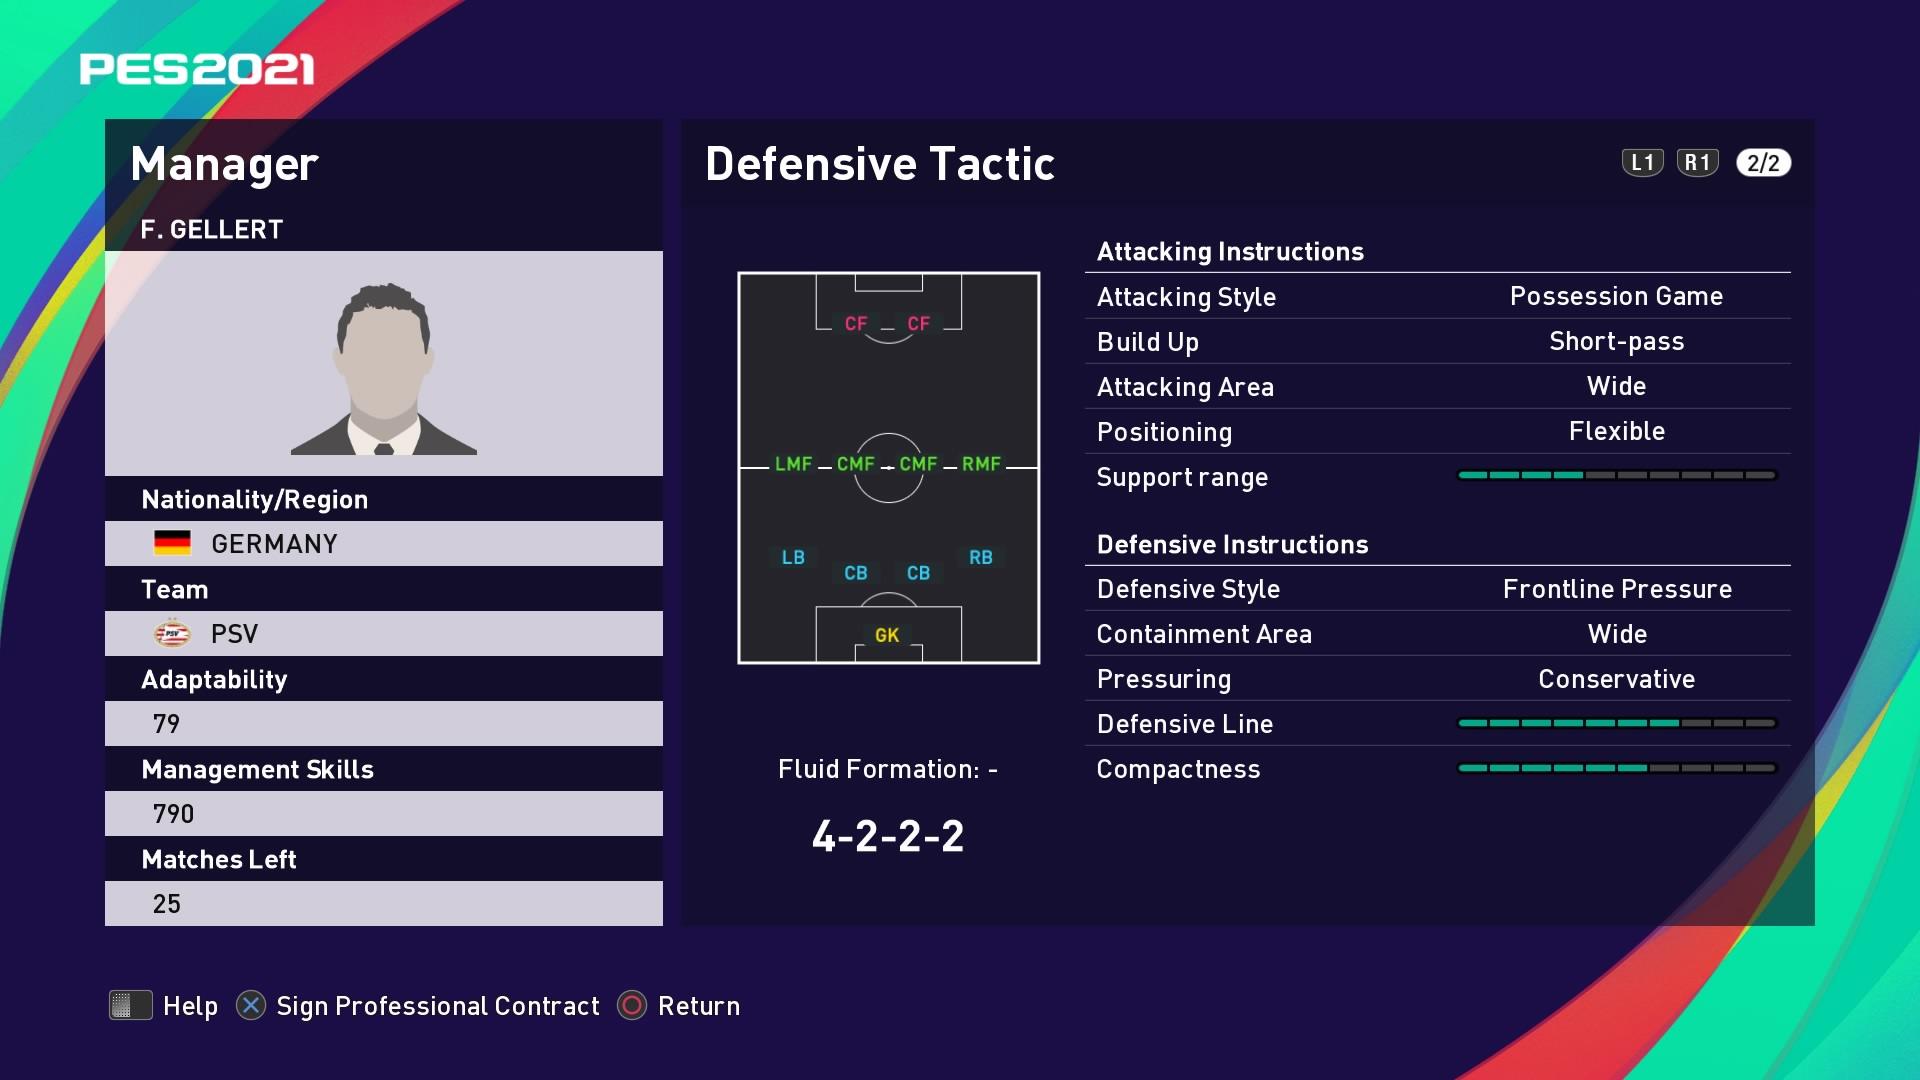 F. Gellert (Roger Schmidt) Defensive Tactic in PES 2021 myClub